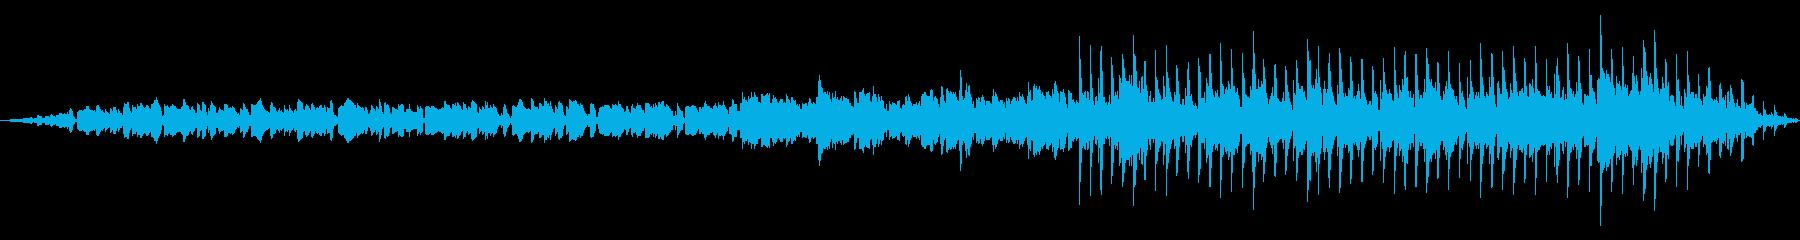 ミニマルテクノな曲の再生済みの波形